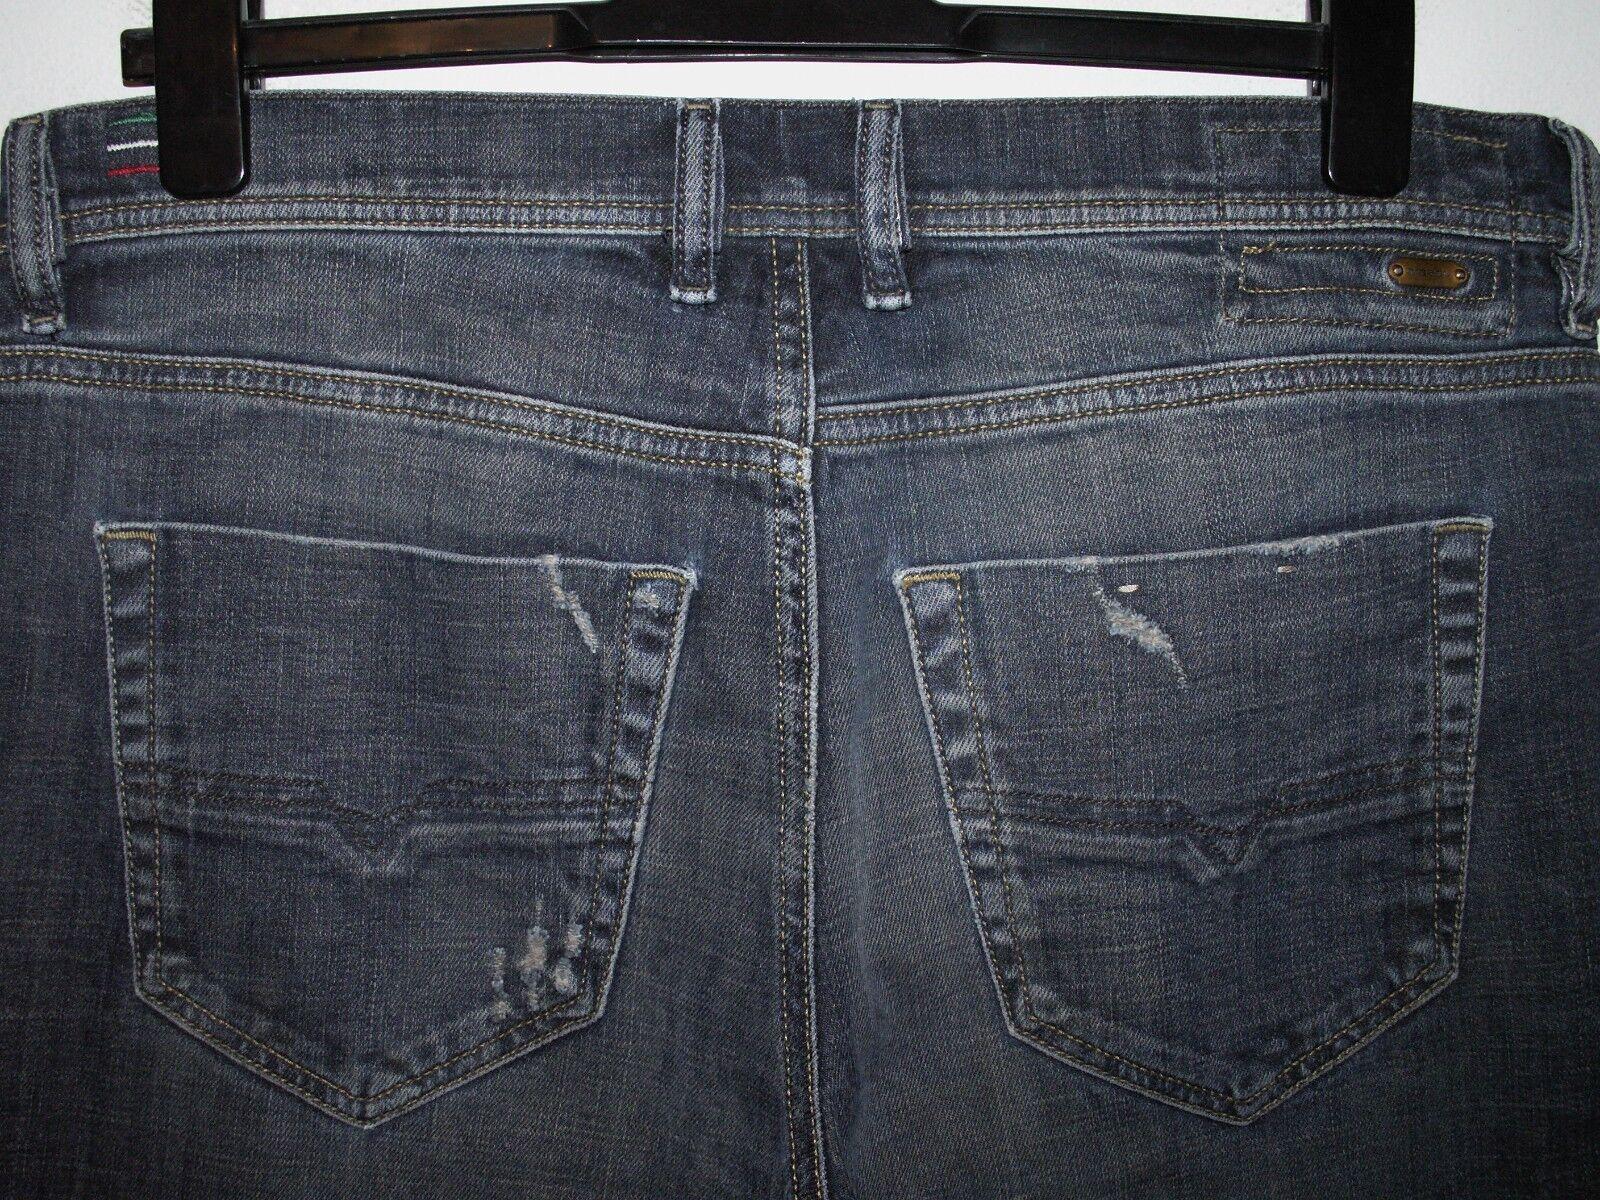 Diesel tepphar slim-carrot fit jeans wash 008Y0 stretch W34 L30 (a3259)  | Mama kaufte ein bequemes, Baby ist glücklich  | Shopping Online  | Authentisch